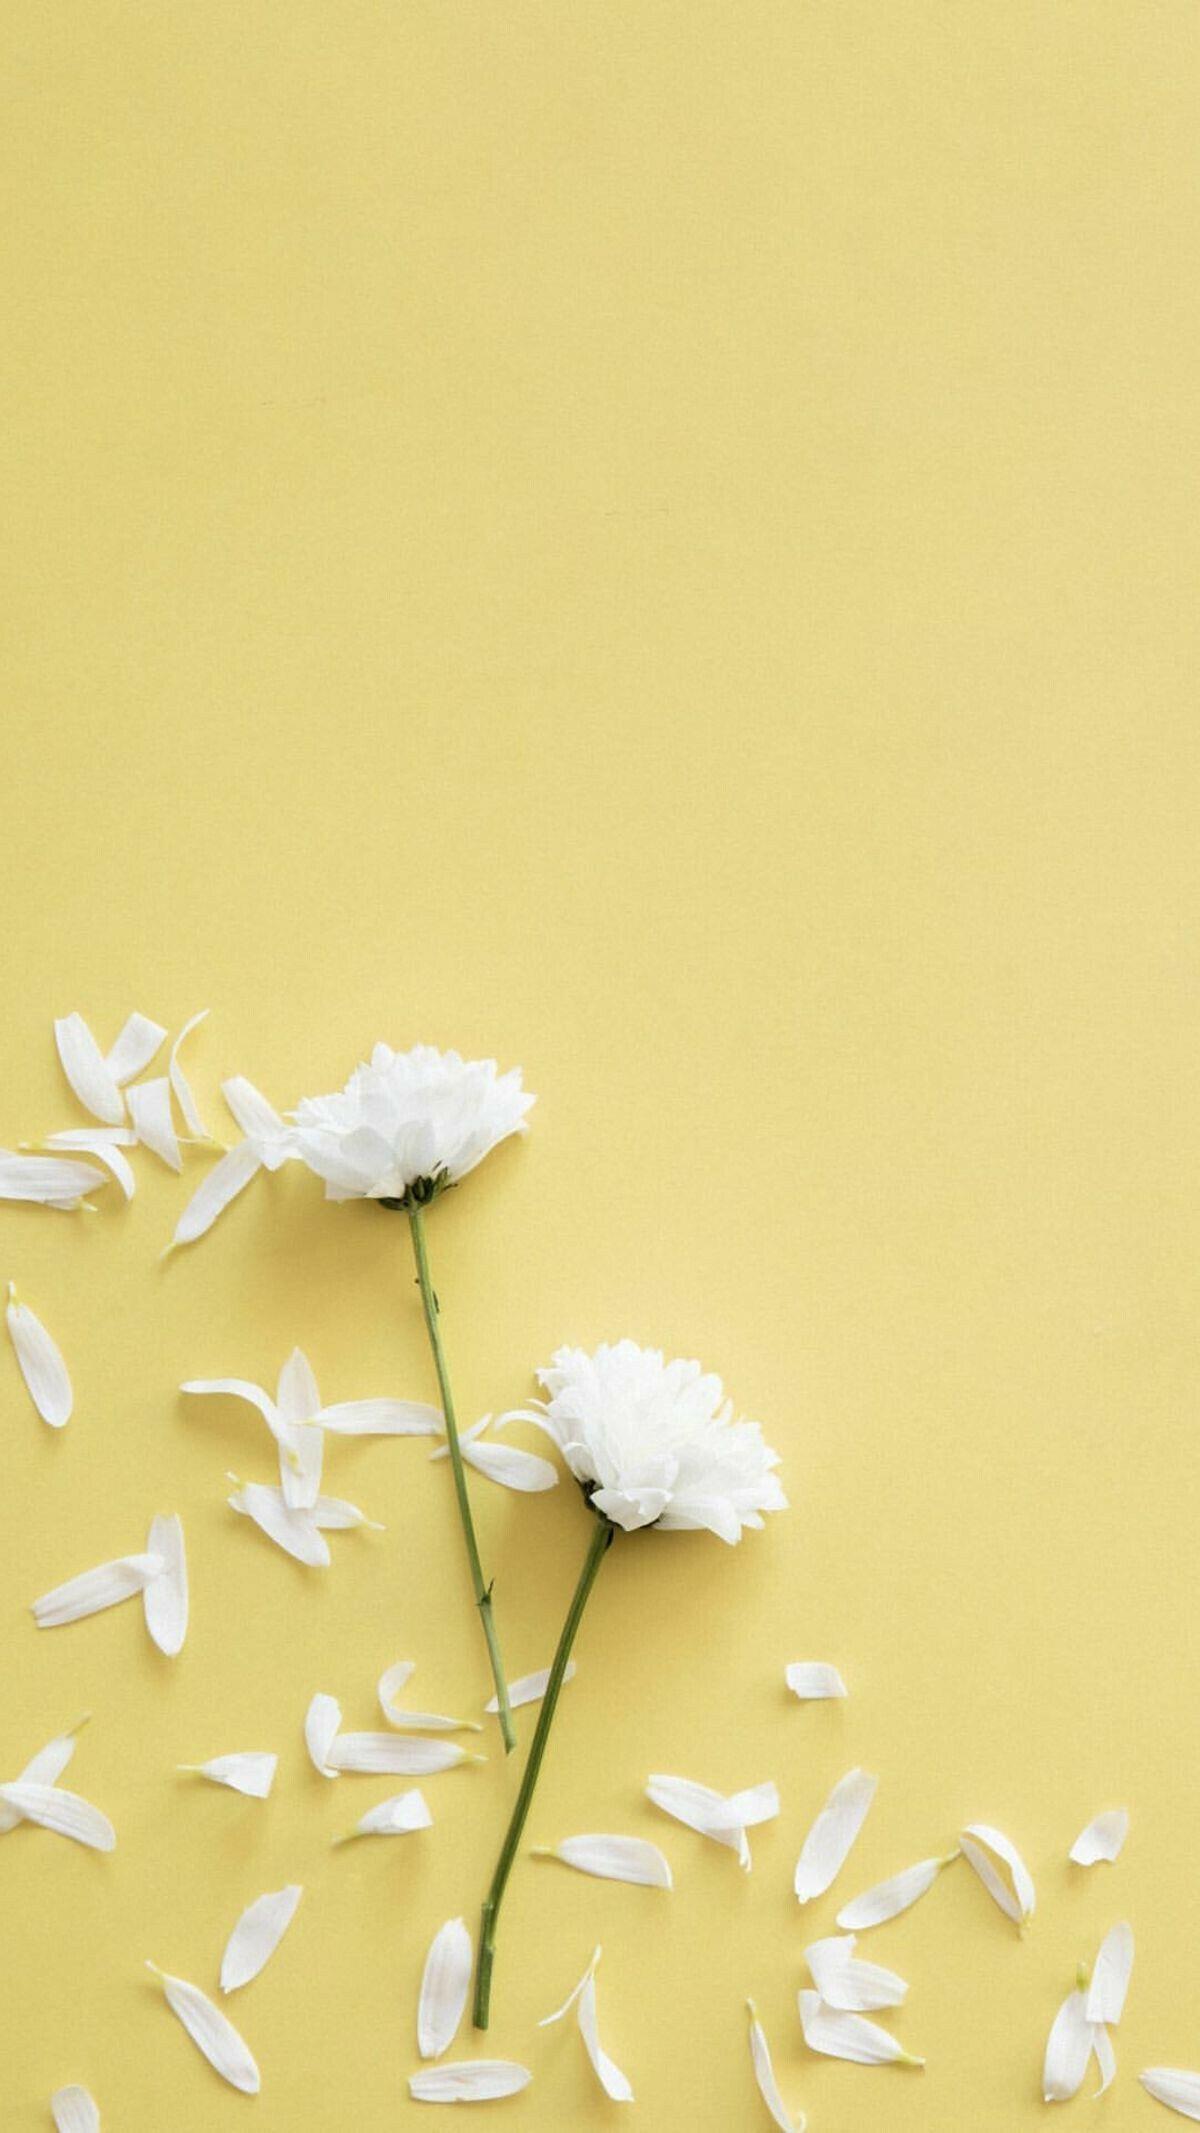 Pin Di Wallpaper Bunga 1